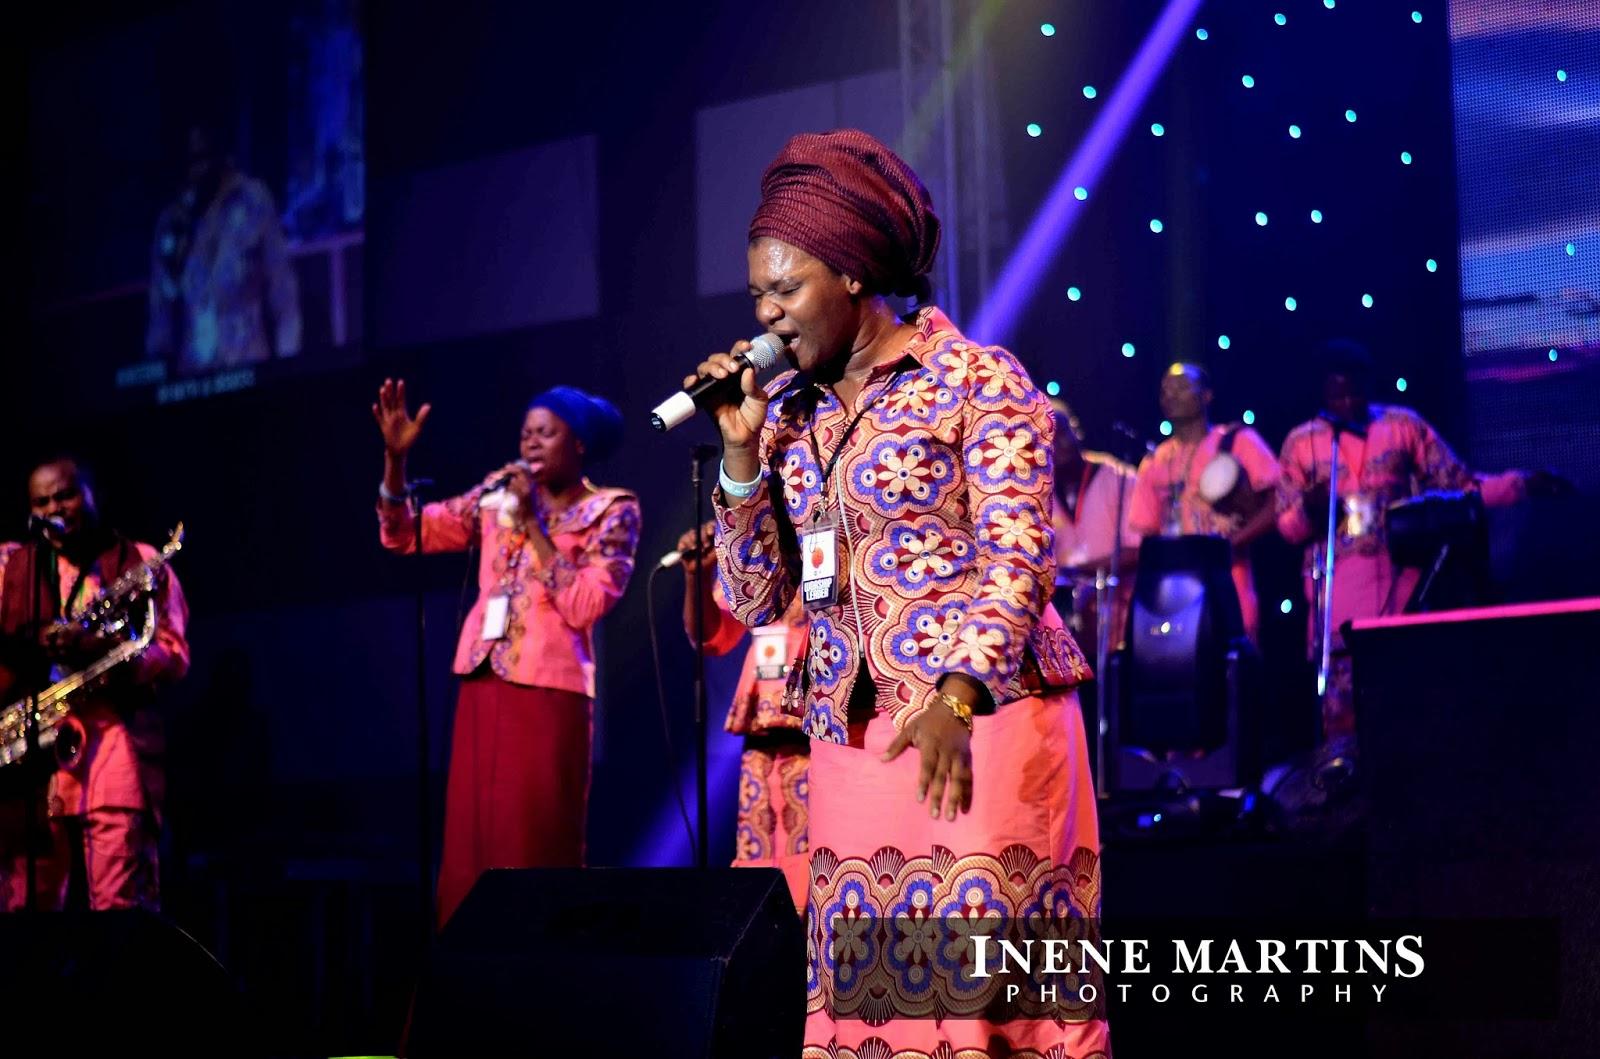 INENE MARTINS PHOTOGRAPHY: BUKOLA BEKES PERFORMING LIVE AT